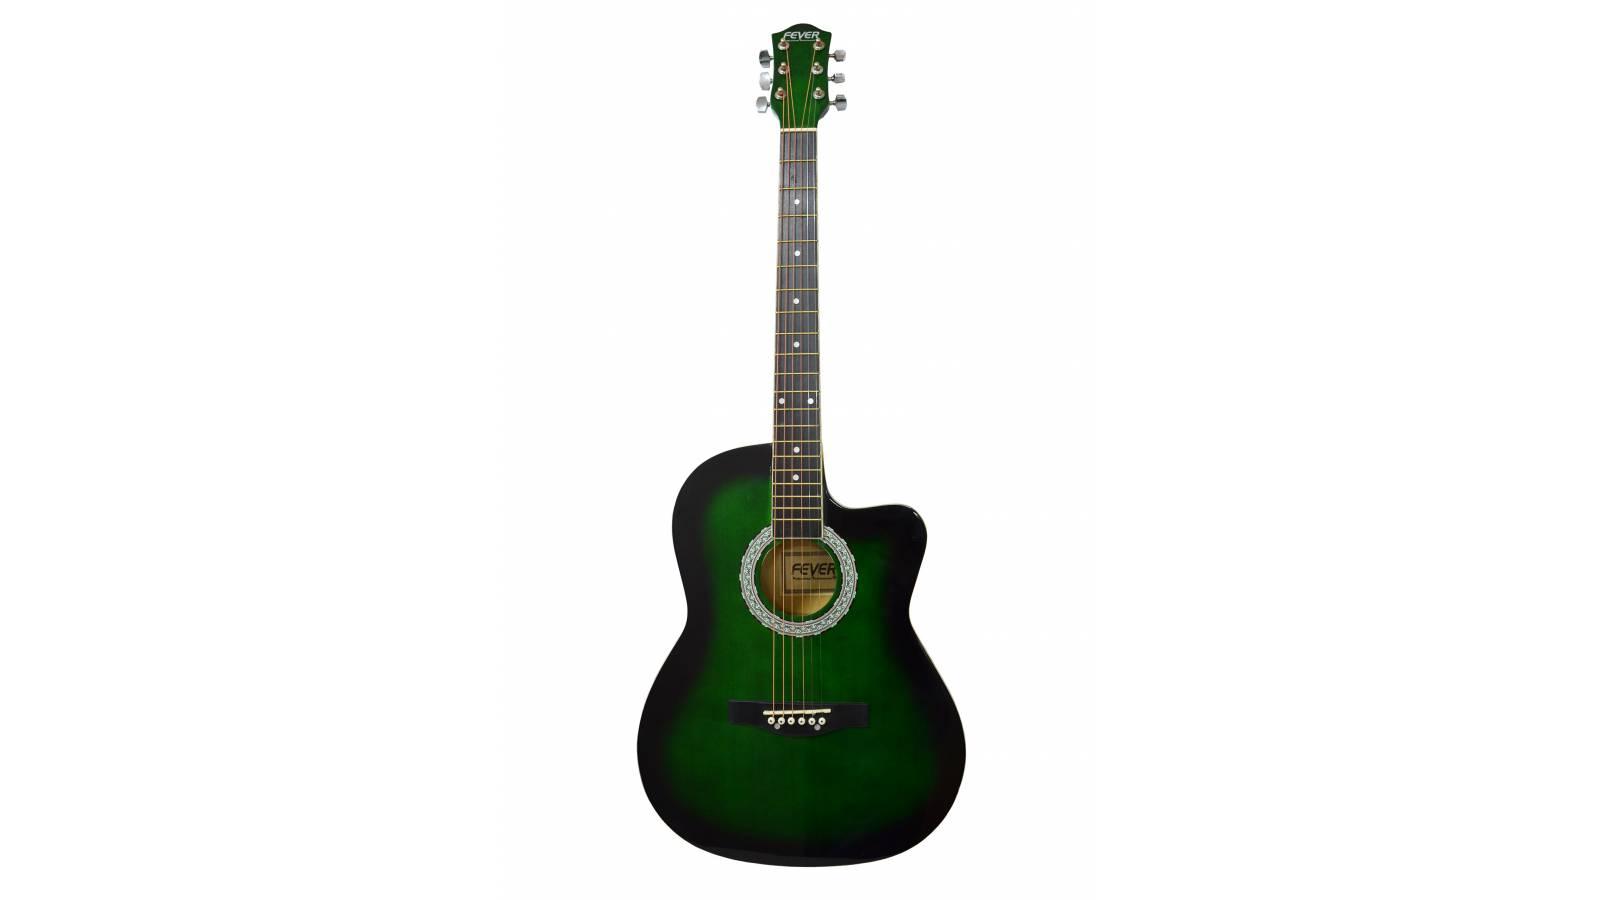 Guitarra Acústica Fever, Cuerdas de Acero, Calidad Superior + Funda de Regalo!